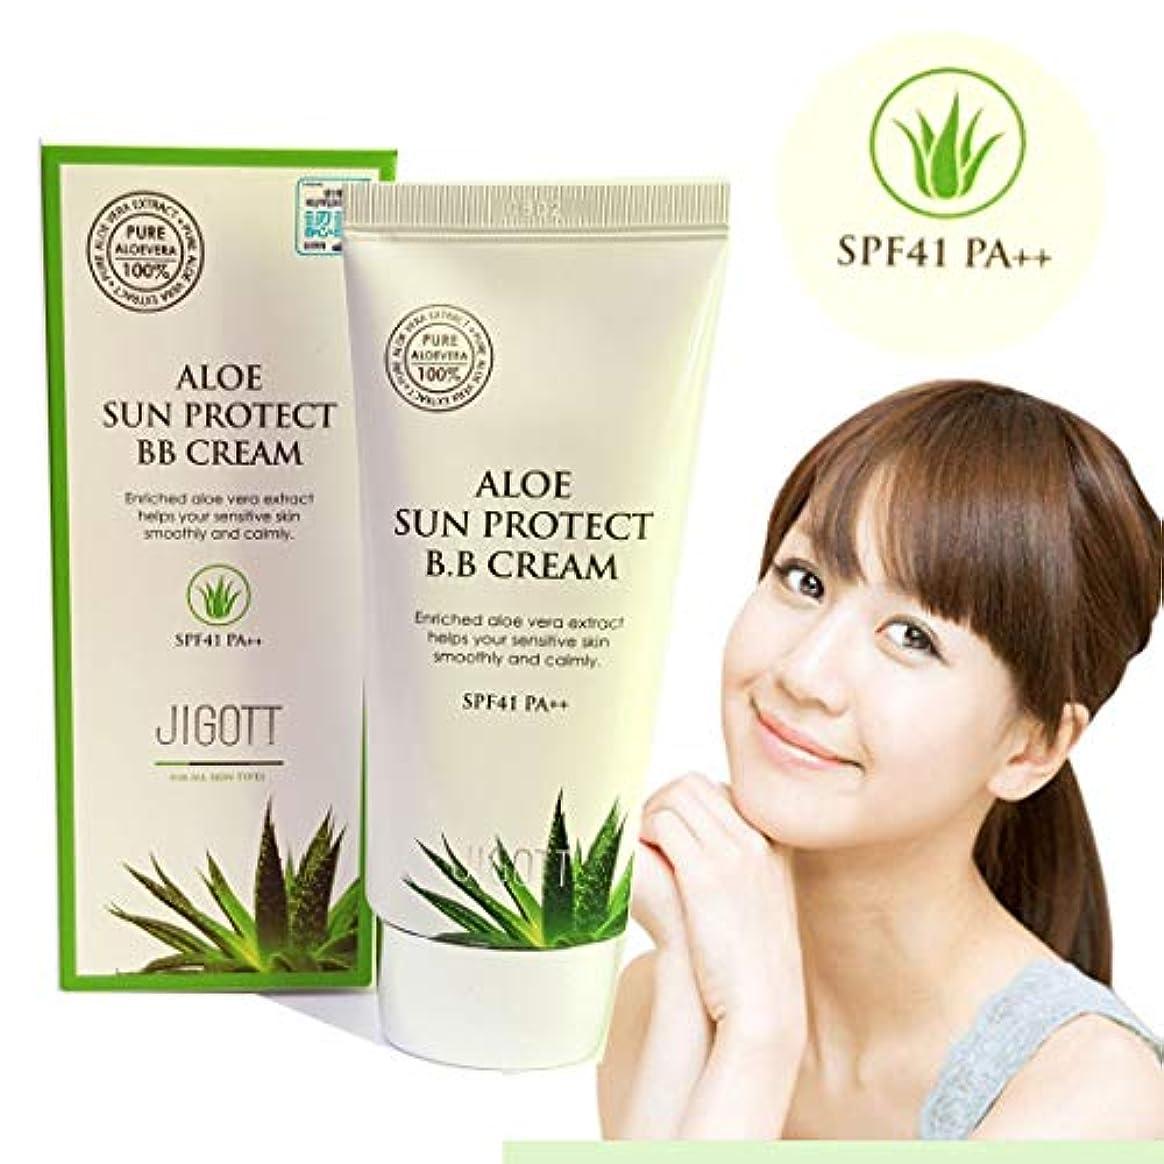 幻想的雹限界[JIGOTT] アロエサンプロテクトBBクリーム50ml / Aloe Sun Protect BB Cream 50ml / SPF41 PA ++ /アロエベラエキス/水分&栄養/Aloe vera extract...